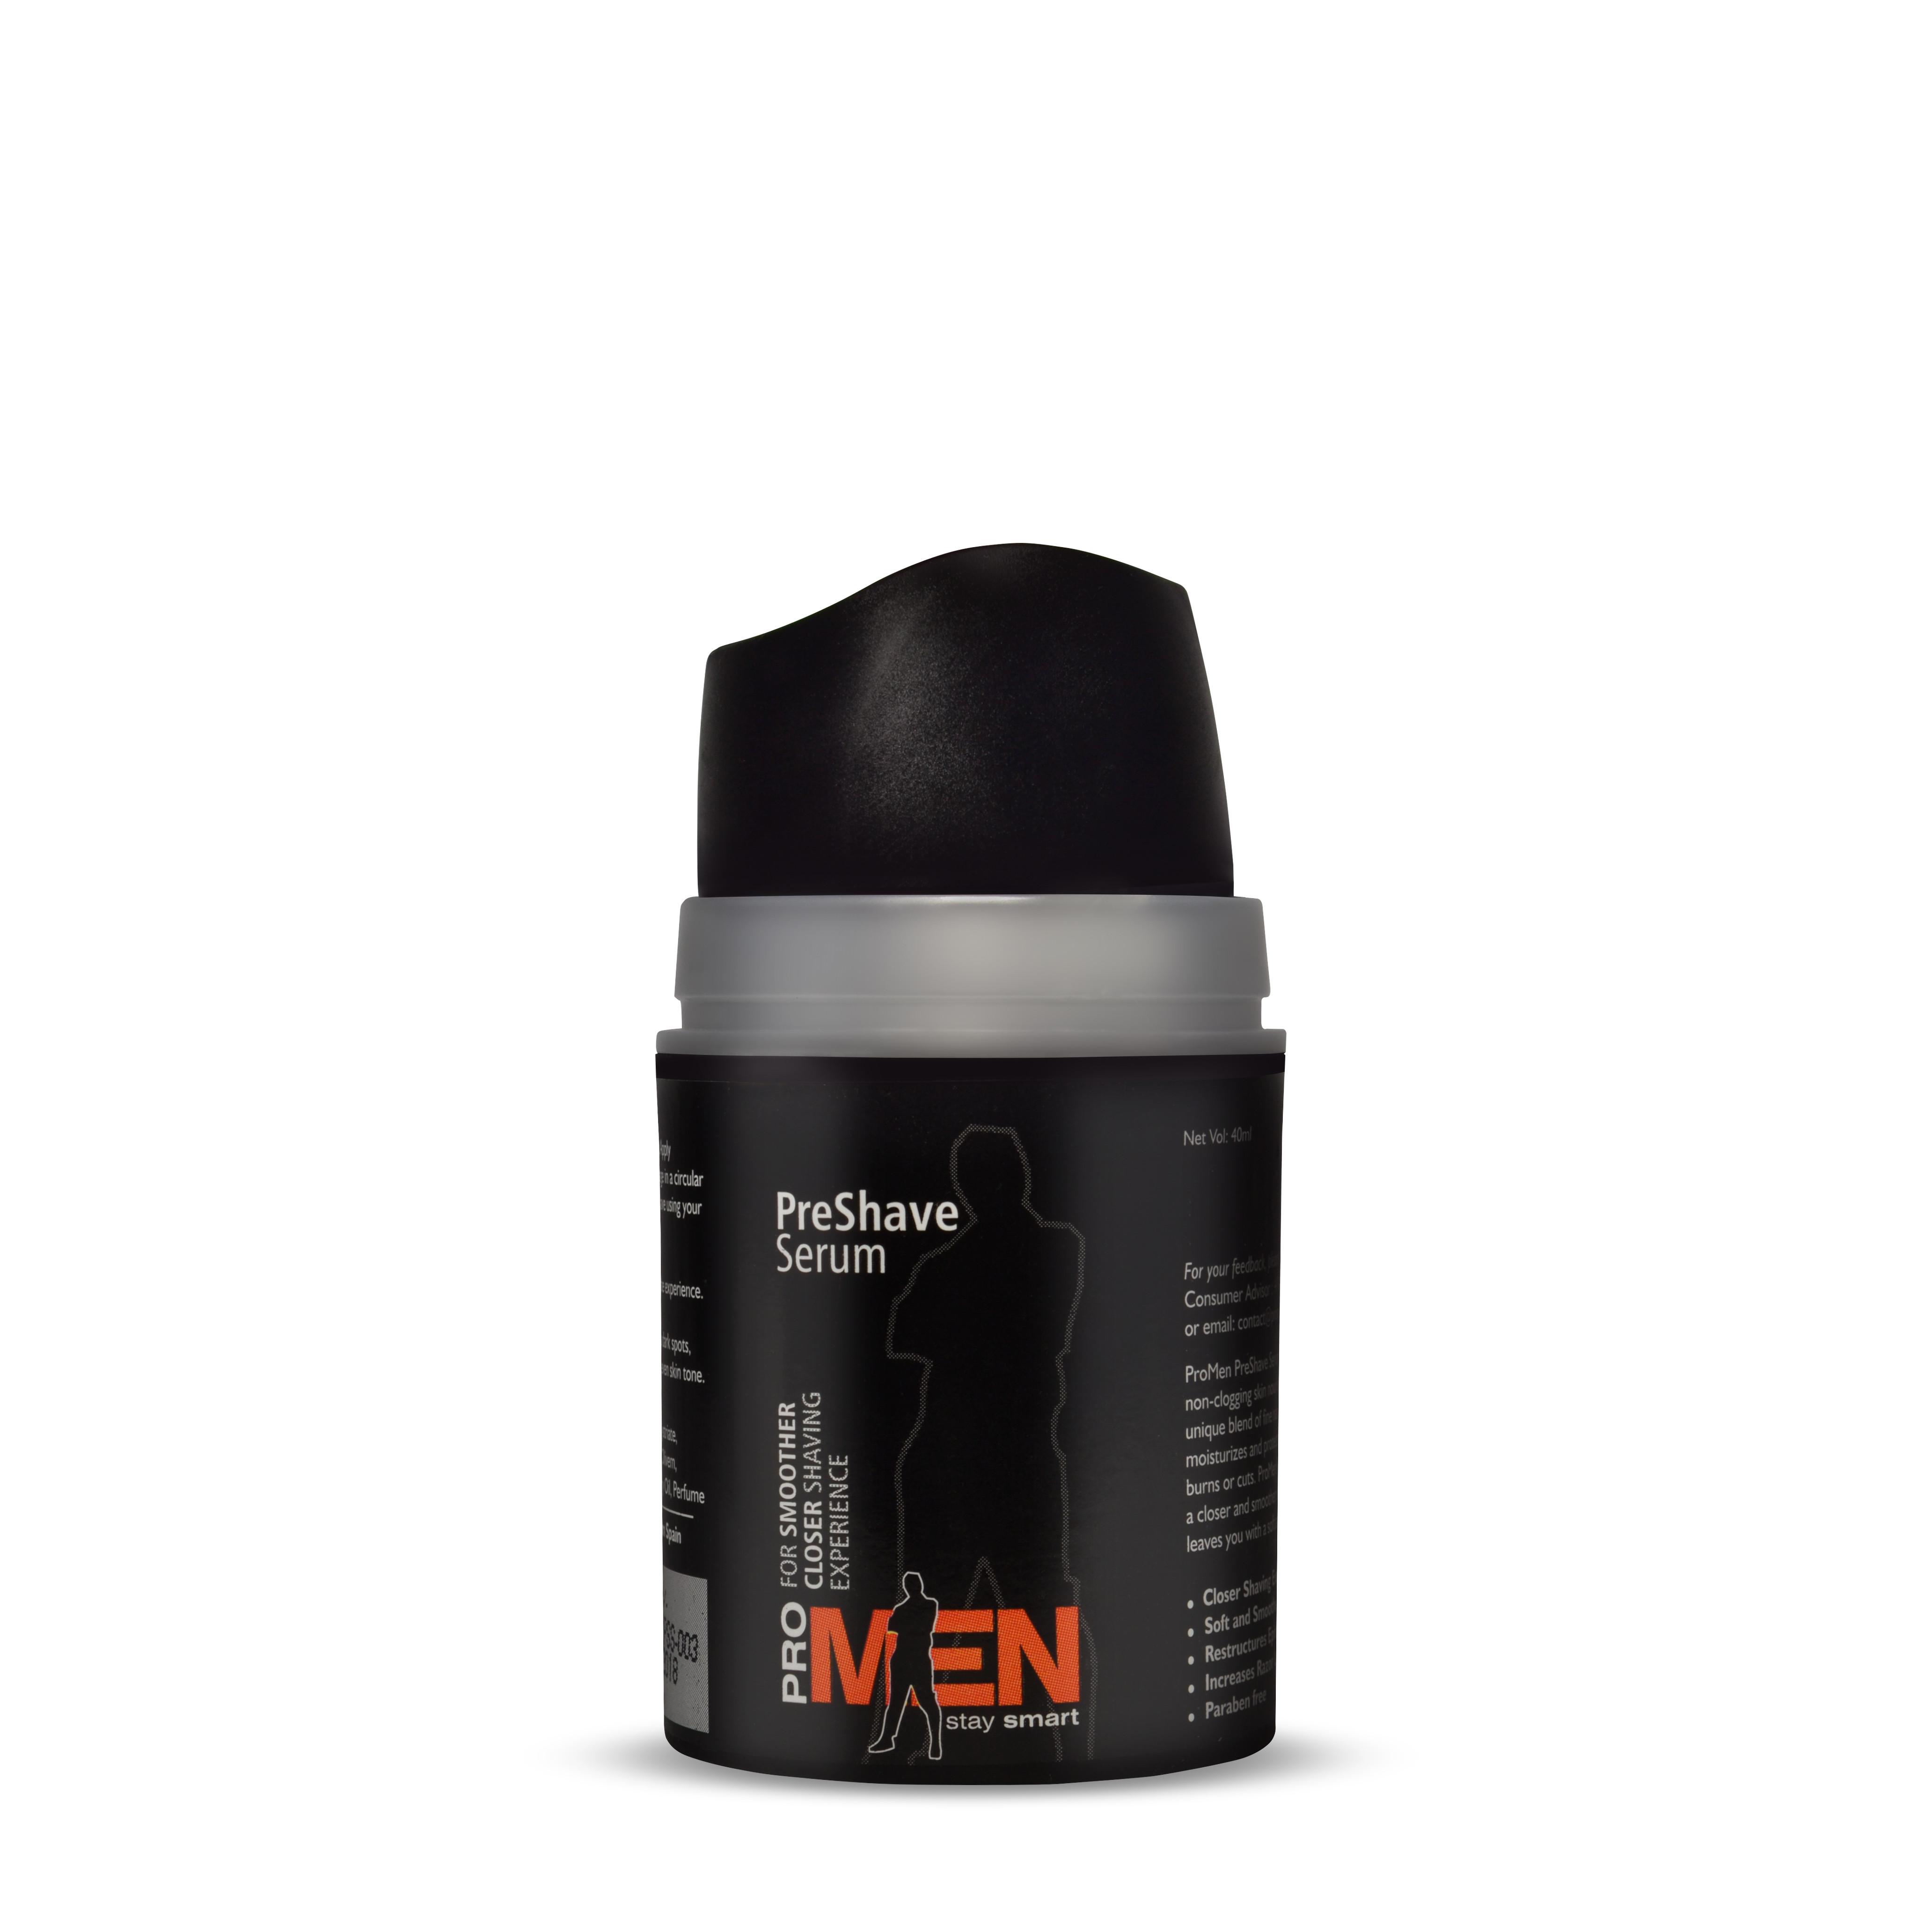 Promen Preshave Serum, 40ml